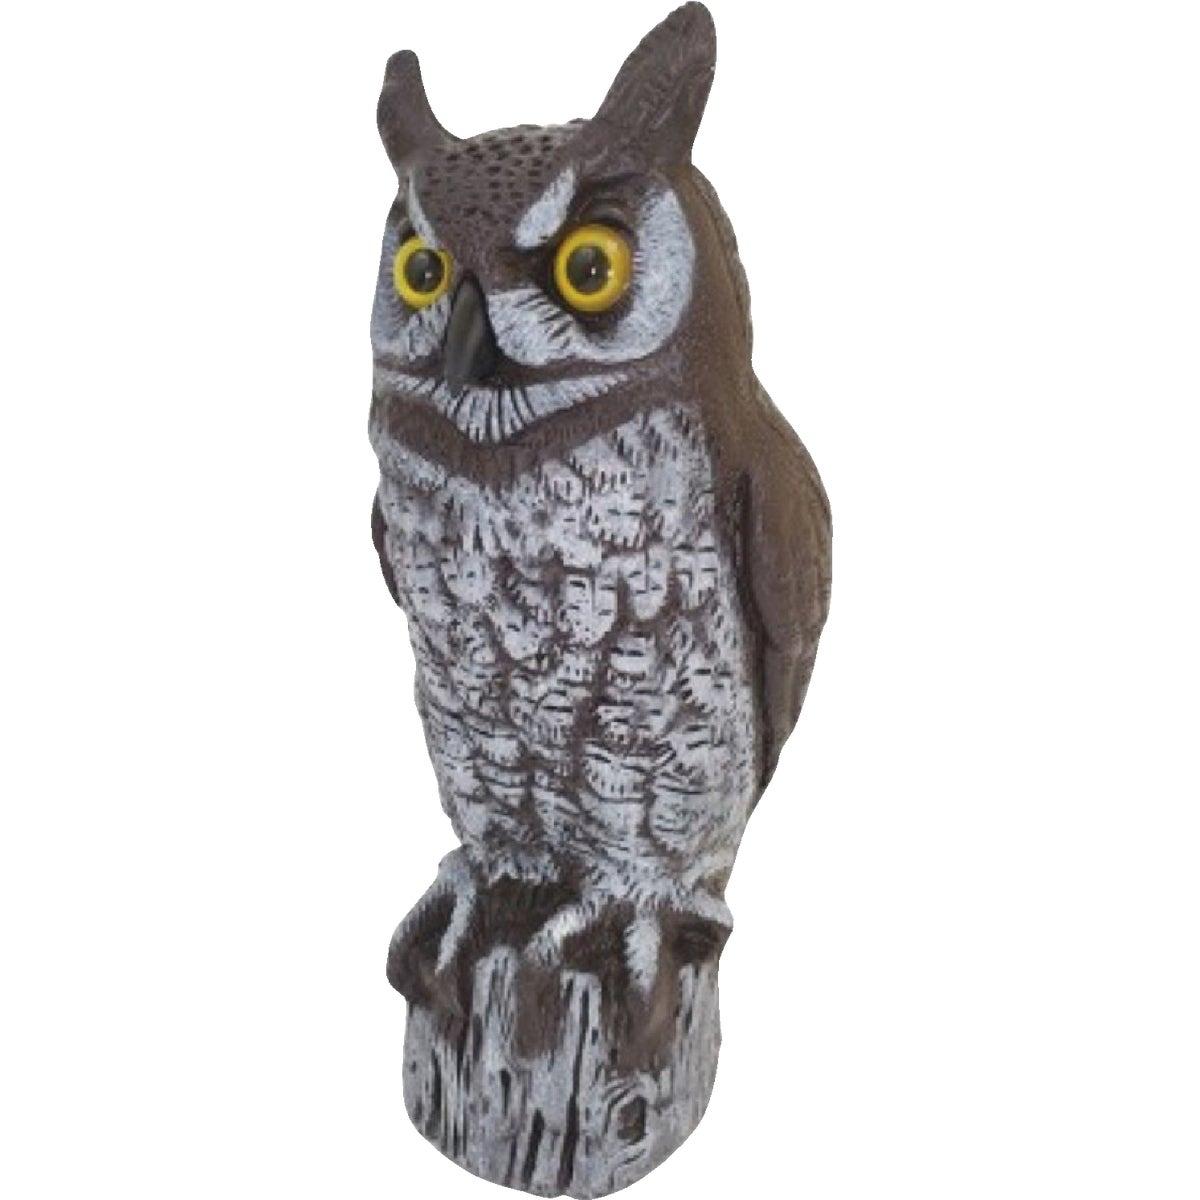 RIDGID PLASTIC OWL - OW-6 by Dalen Prod Inc